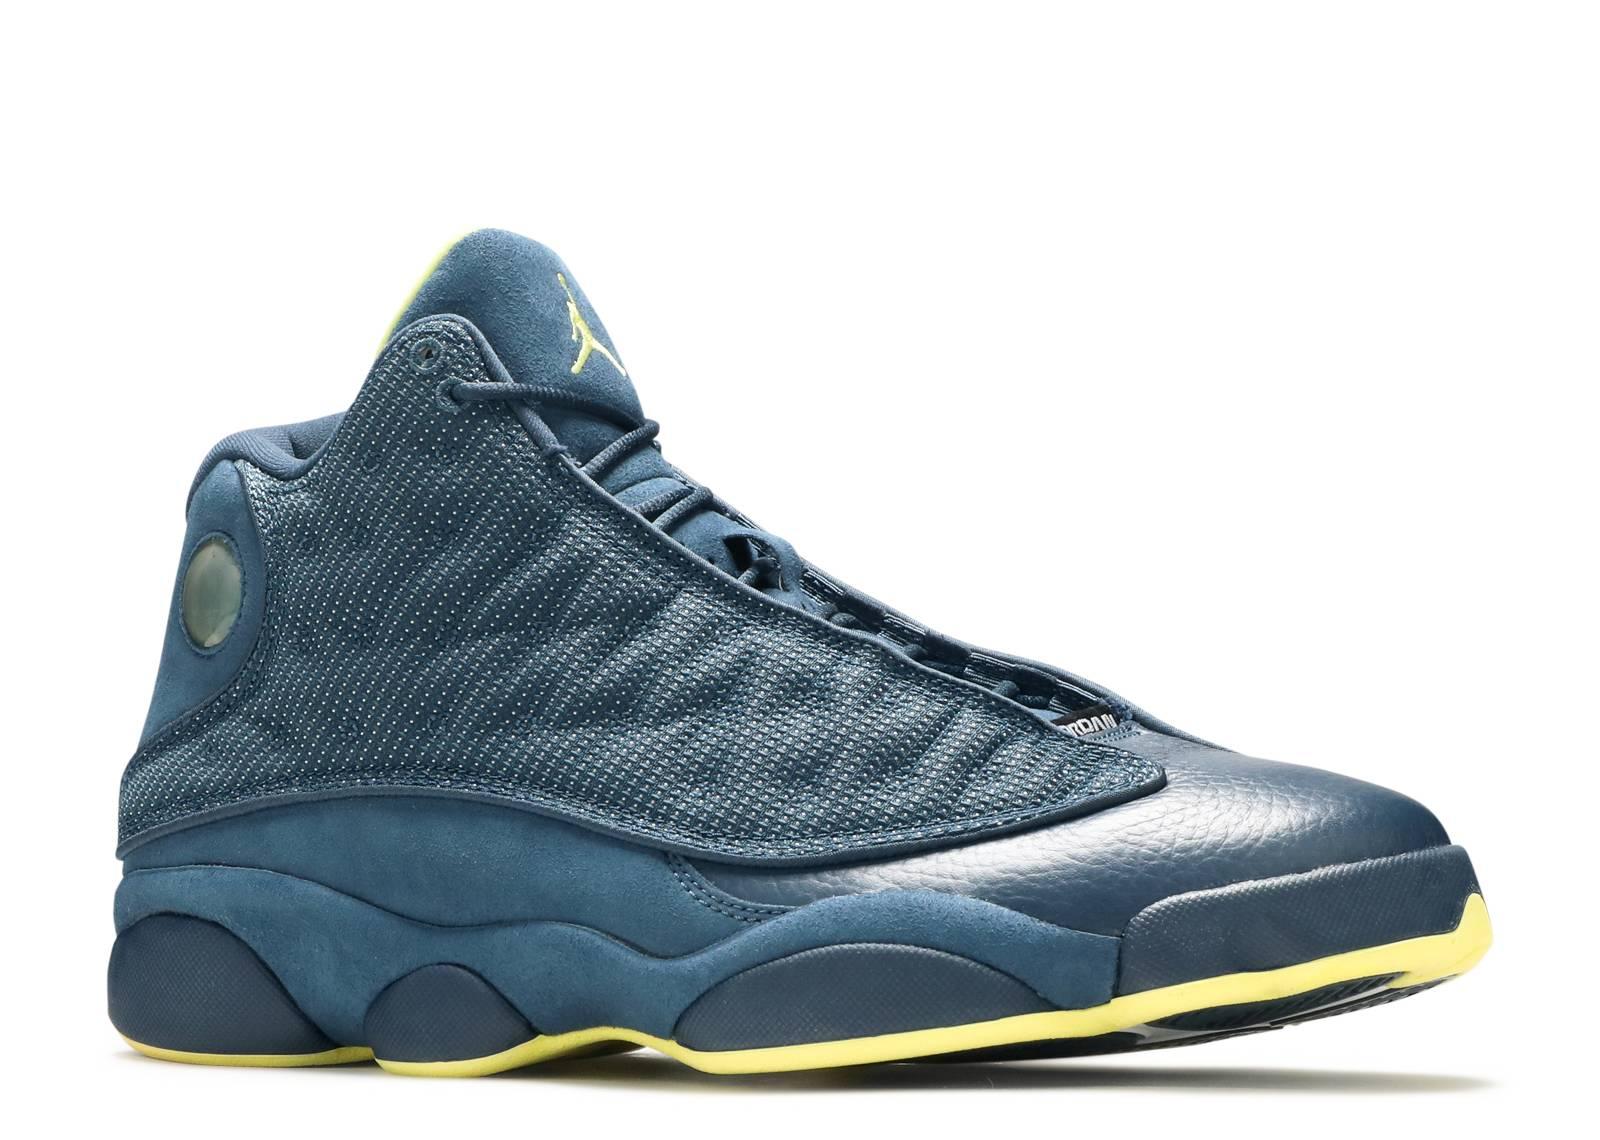 Air Jordan 13 Black And Yellow